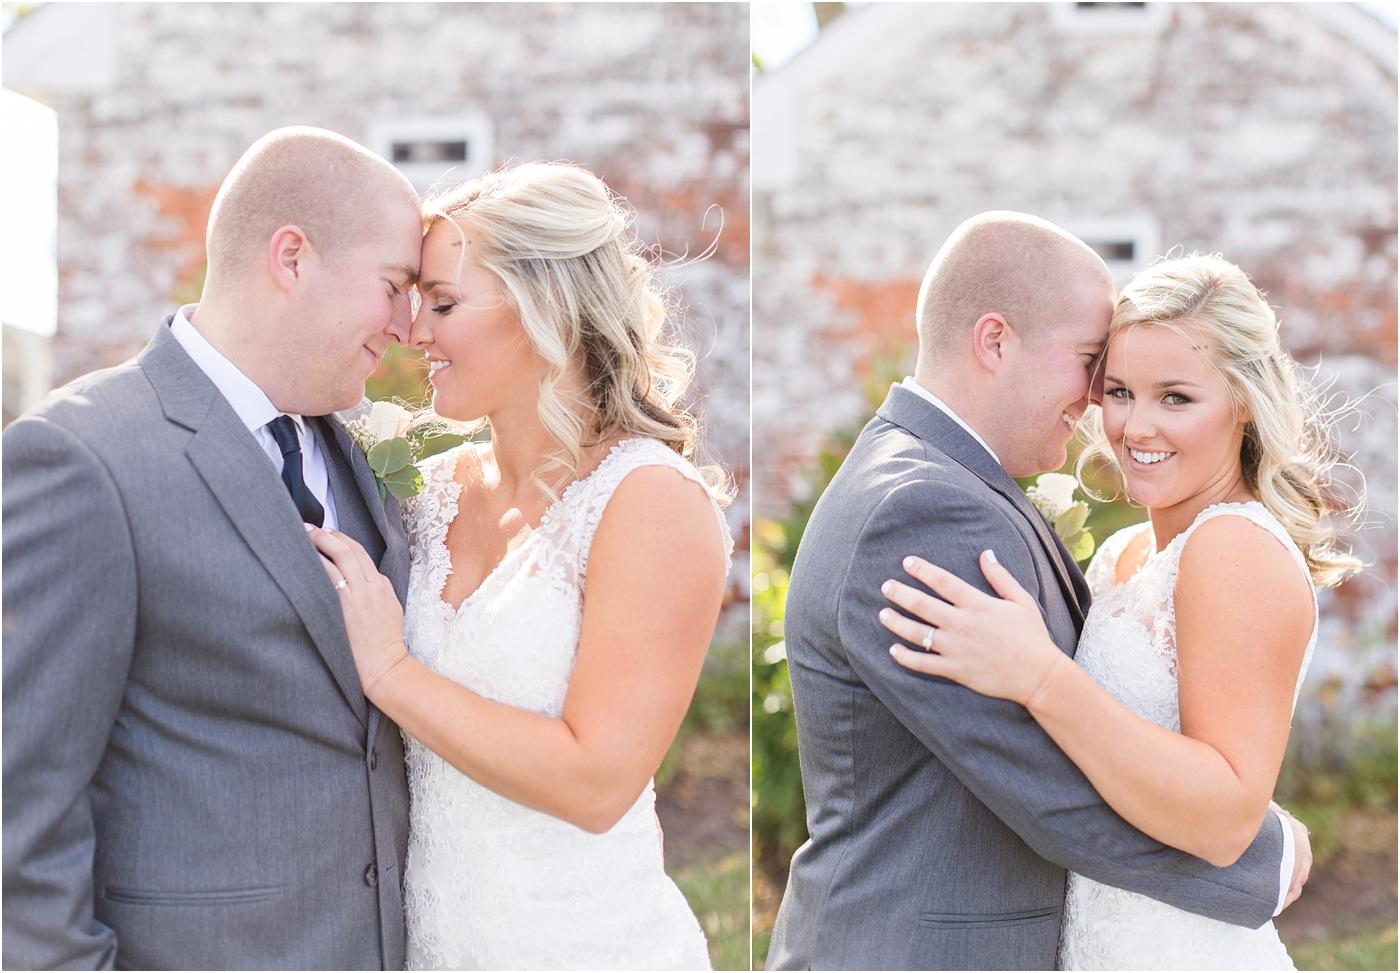 Walkers-Overlook-Wedding-38.jpg